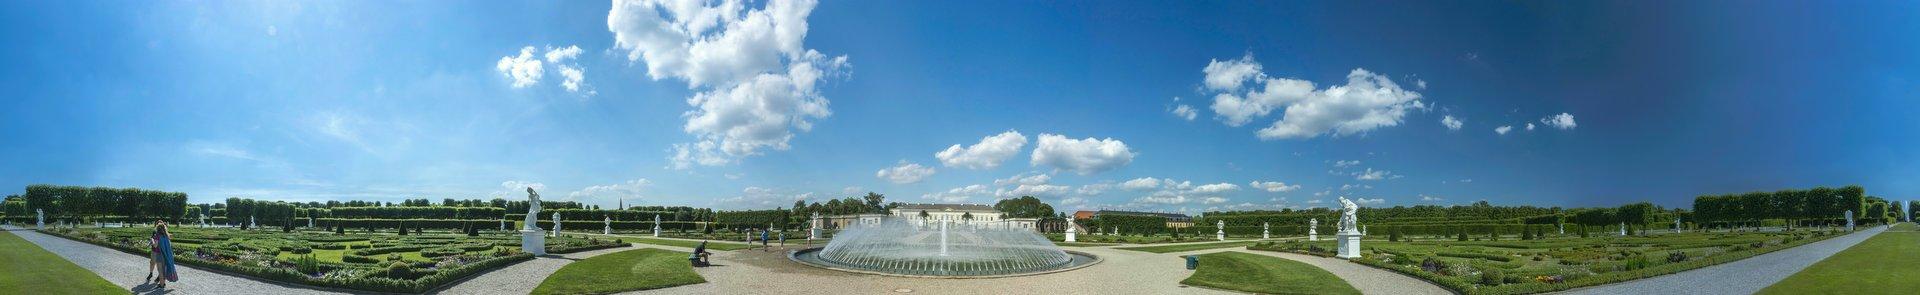 360° Panorama des Parterre im Großen Garten